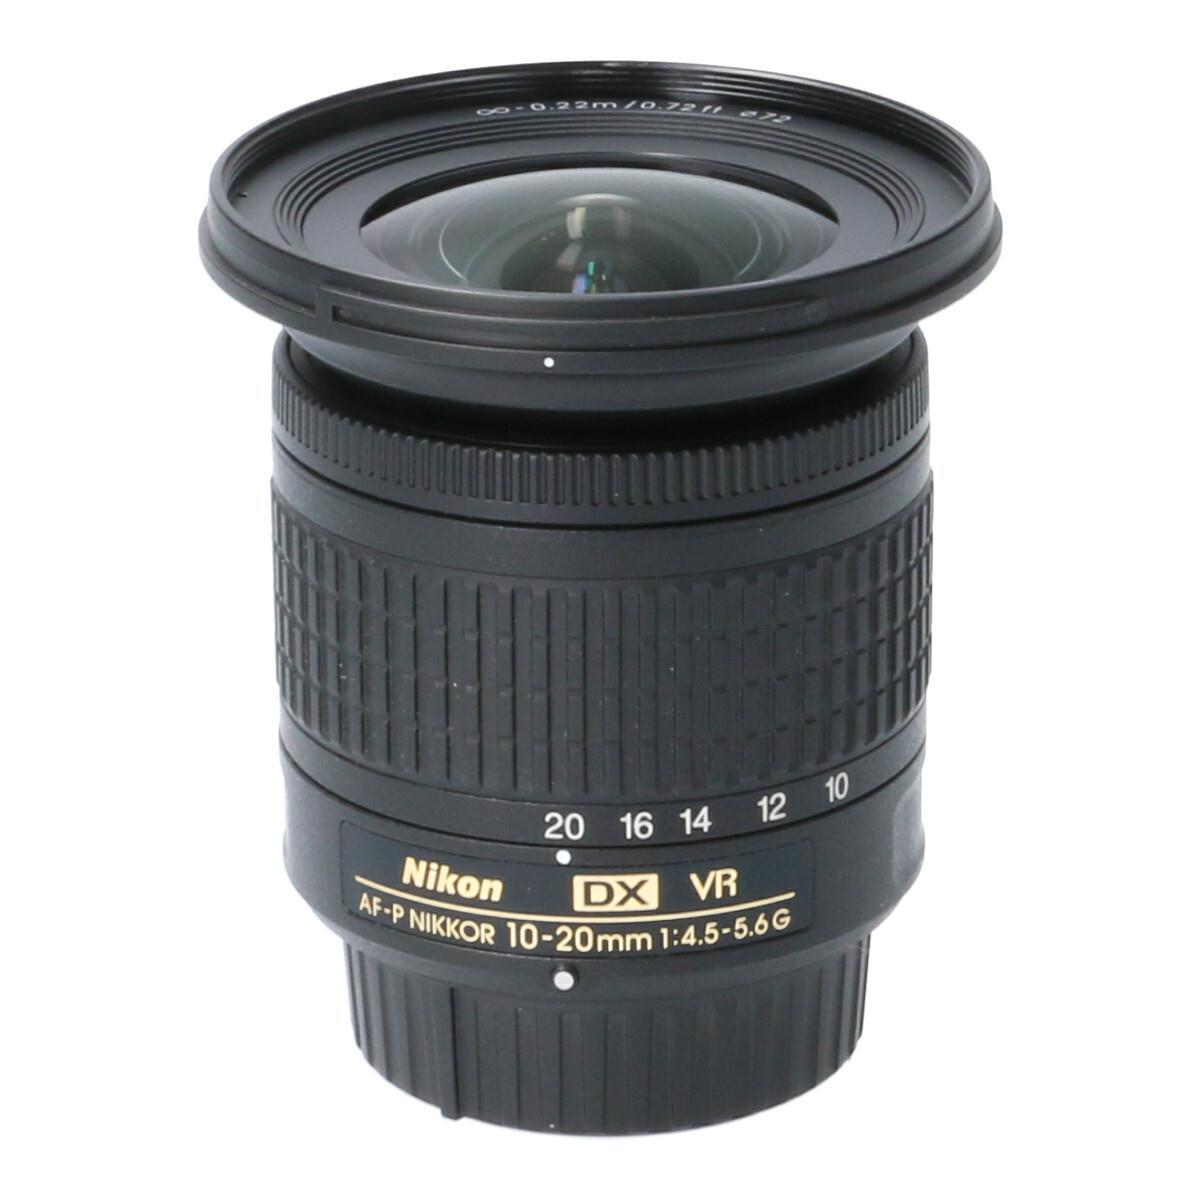 NIKON AF-P DX10-20mm F4.5-5.6G VR【中古】